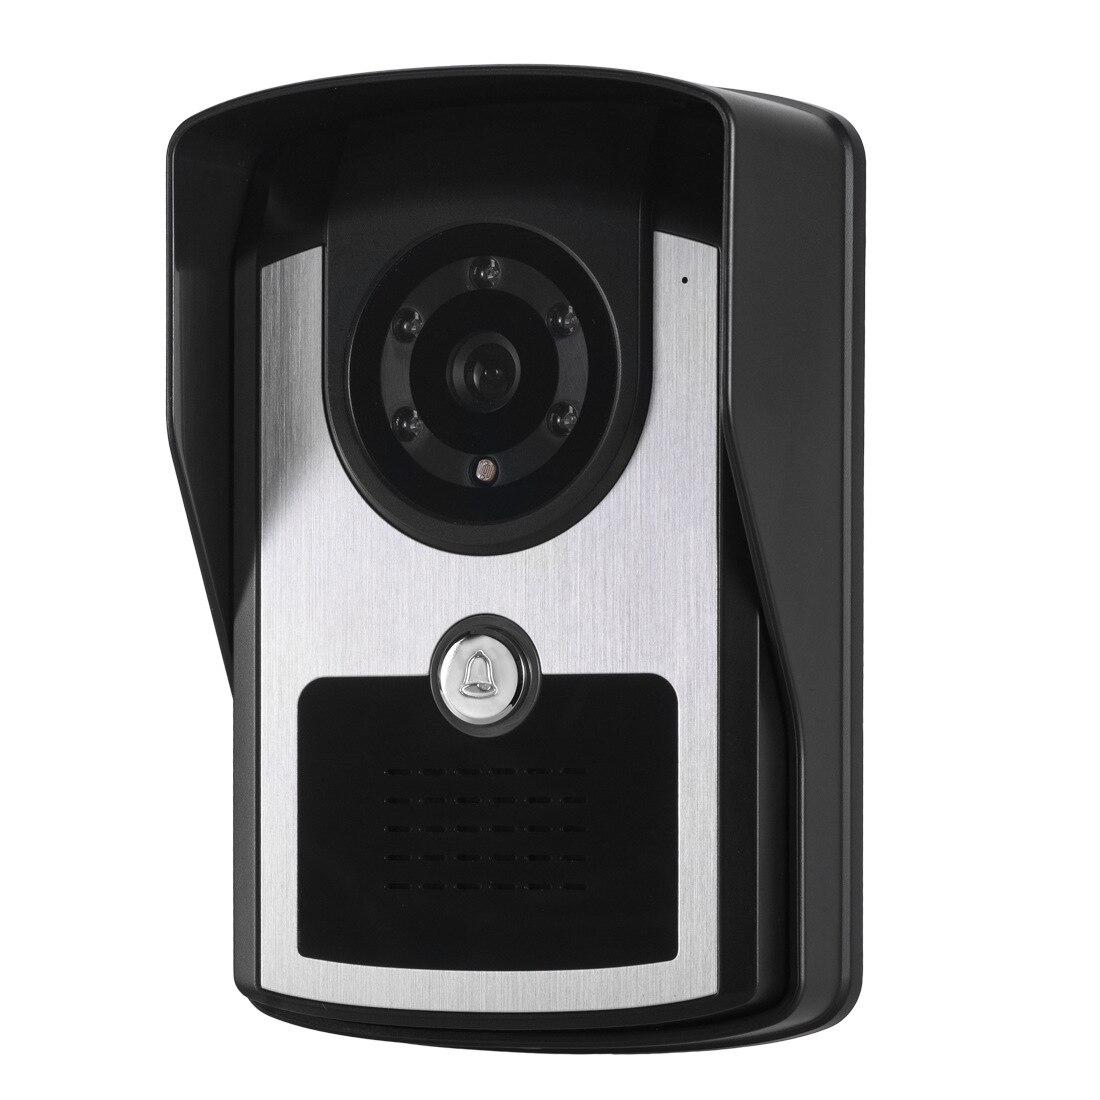 7 Inch Waterproof Video DoorBell with Camera Home Intercom System Kit IR Camera Door Bell Monitor Video Intercom System enlarge